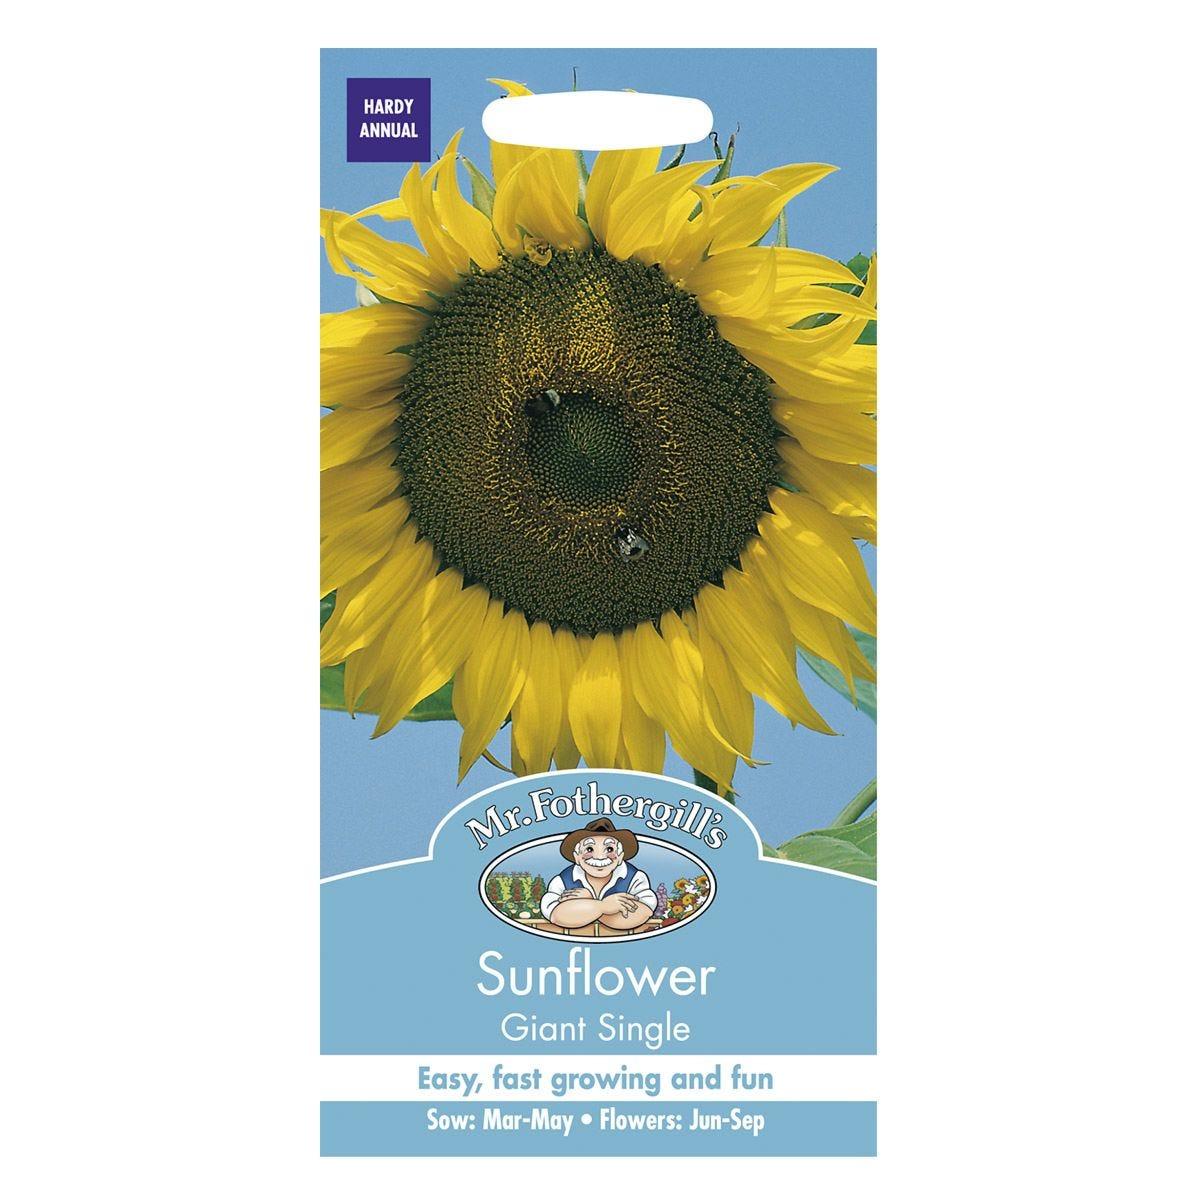 Mr Fothergill's Sunflower Giant Single Seeds